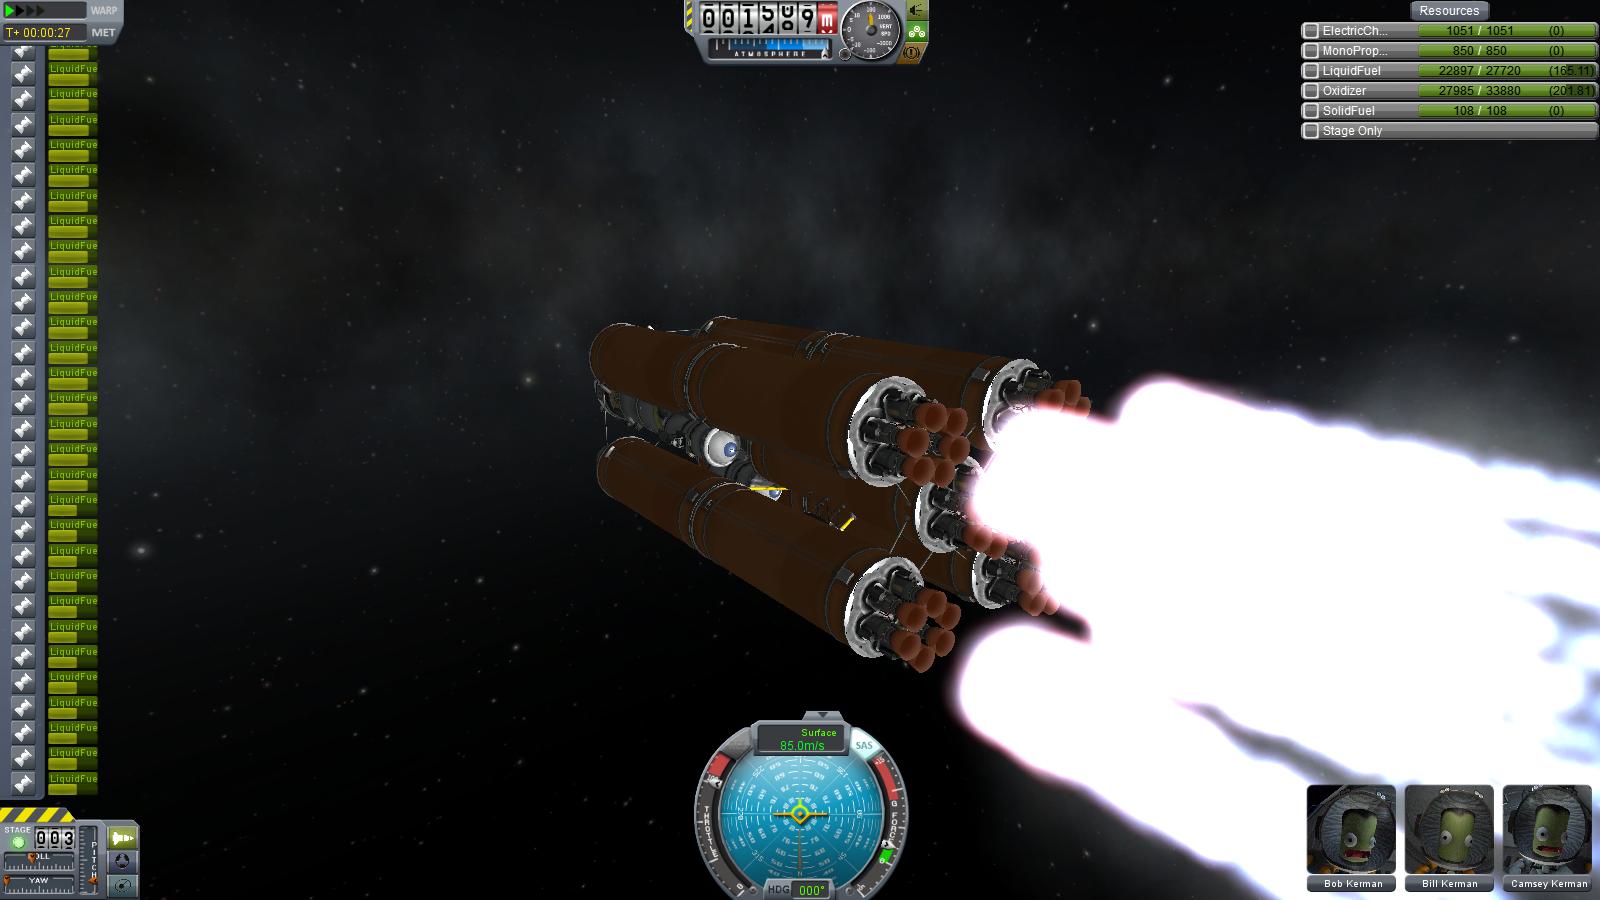 kerbal space program apollo 11 mod - photo #40